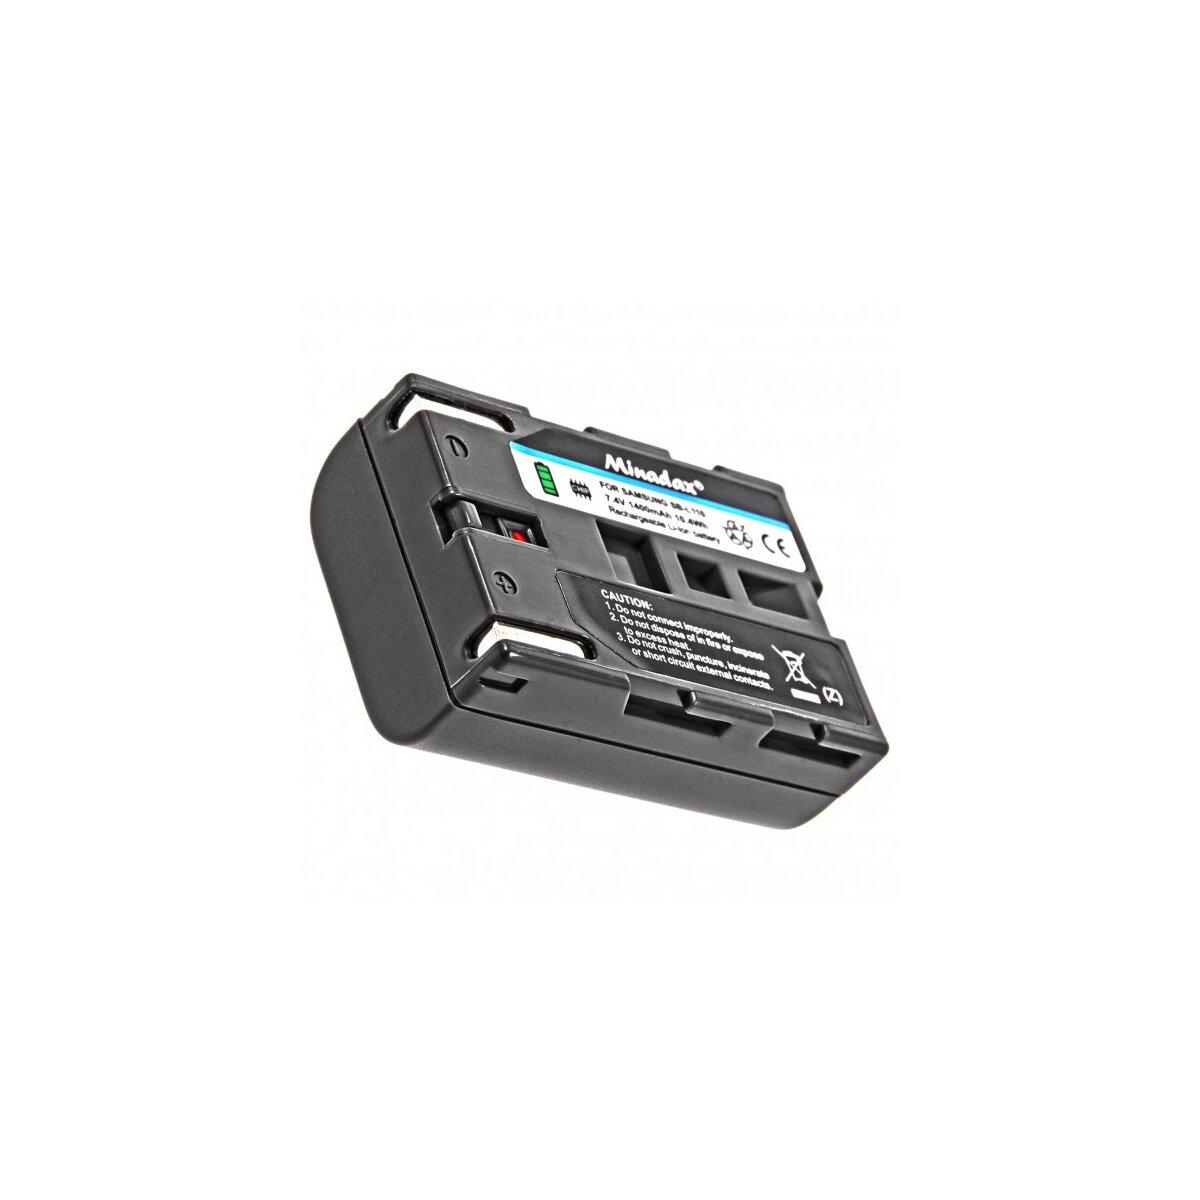 Minadax® Qualitaetsakku mit echten 1400 mAh fuer Samsung VP D10 D11 D15 D20 D31 D34 D39 D55 D65 D69 D80 D82 D85 D87i D93 D99i D101 D105 D190MSi D321i D327i D6050i, wie SB-L110 - Intelligentes Akkusystem mit Chip